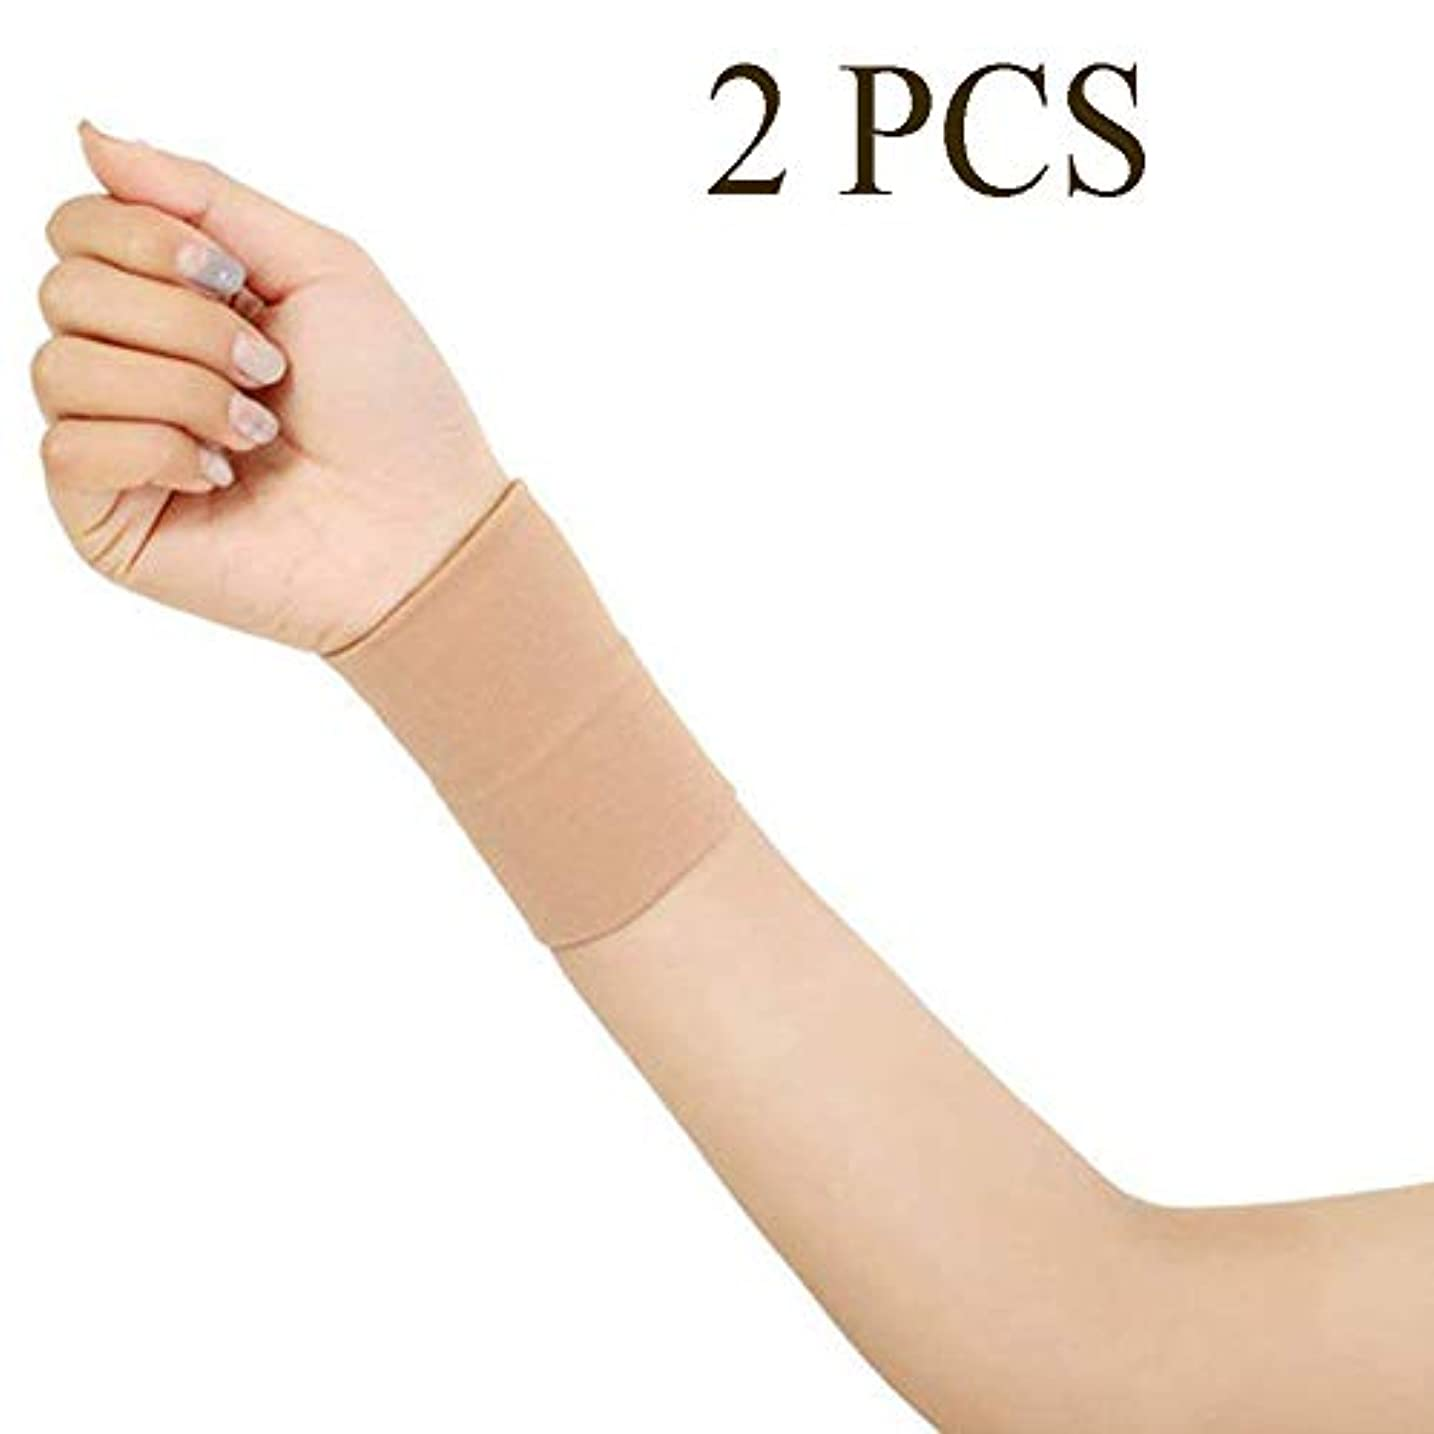 絶壁中古属性テニスジムスポーツ腱鞘炎関節痛1ペアのための手首のサポート圧縮手首スリーブブレースサポート回復ブレースラップスリーブユニセックス,XL